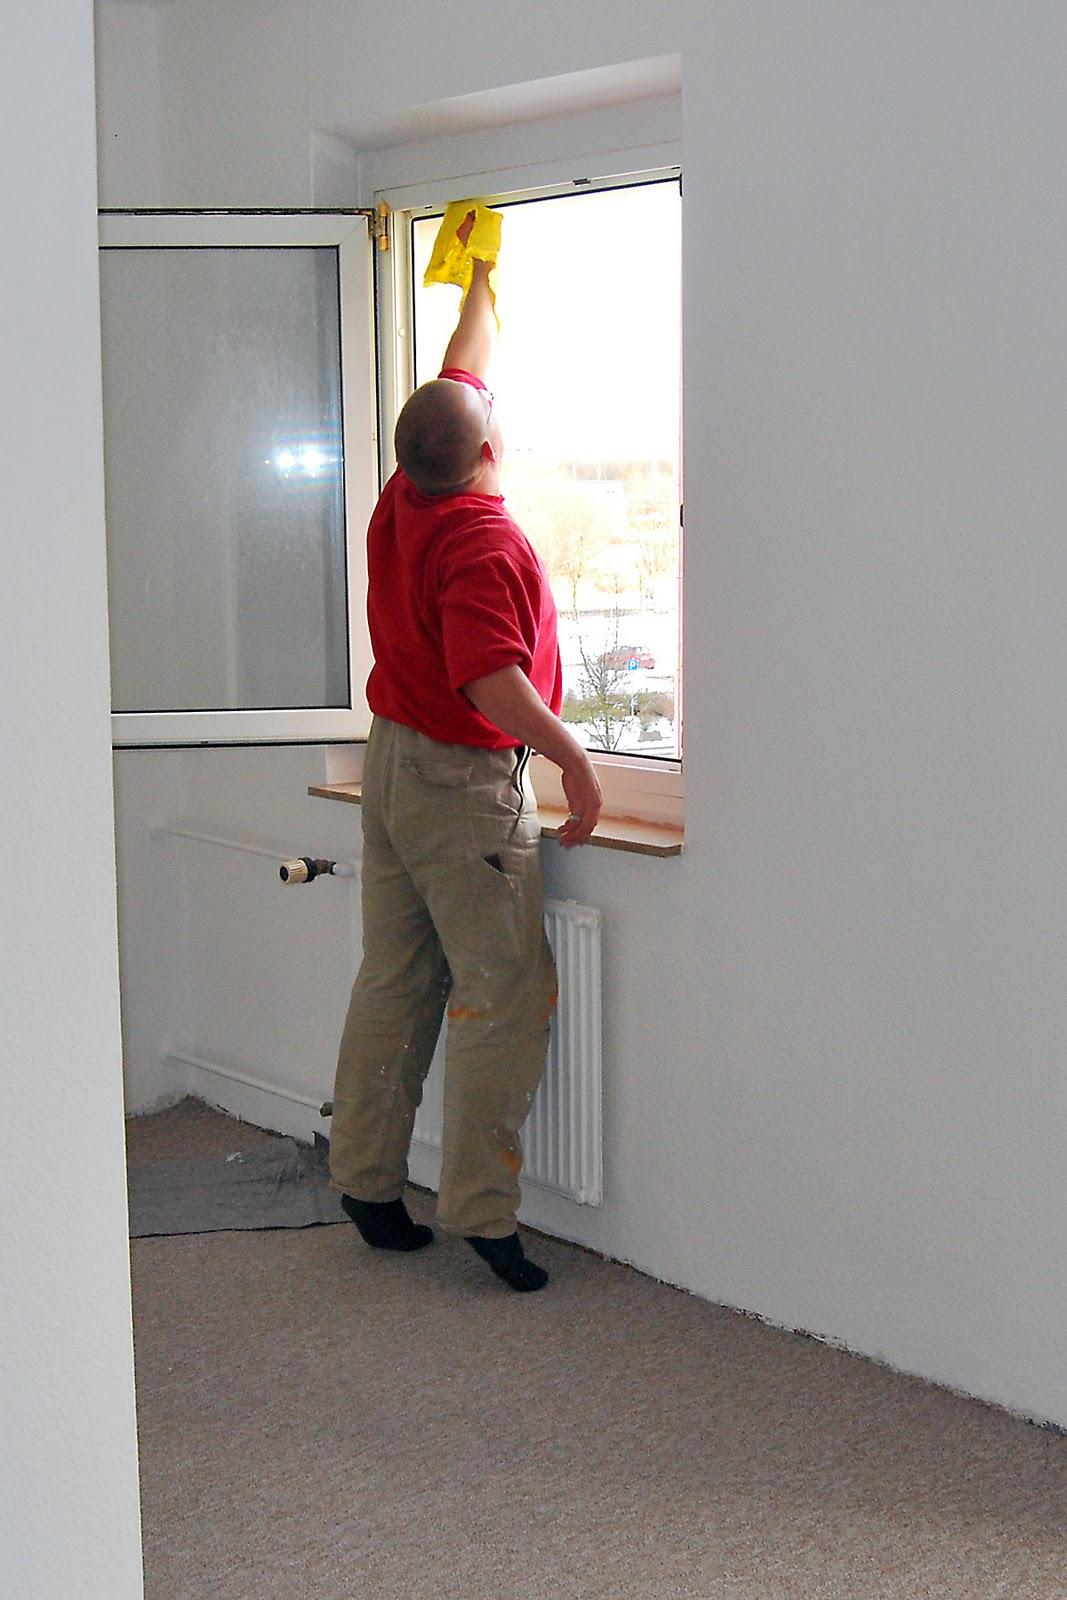 endreinigung einer wohnung in toitenwinkel 12 2010 gibt s was zu tun geh zu kuhn. Black Bedroom Furniture Sets. Home Design Ideas